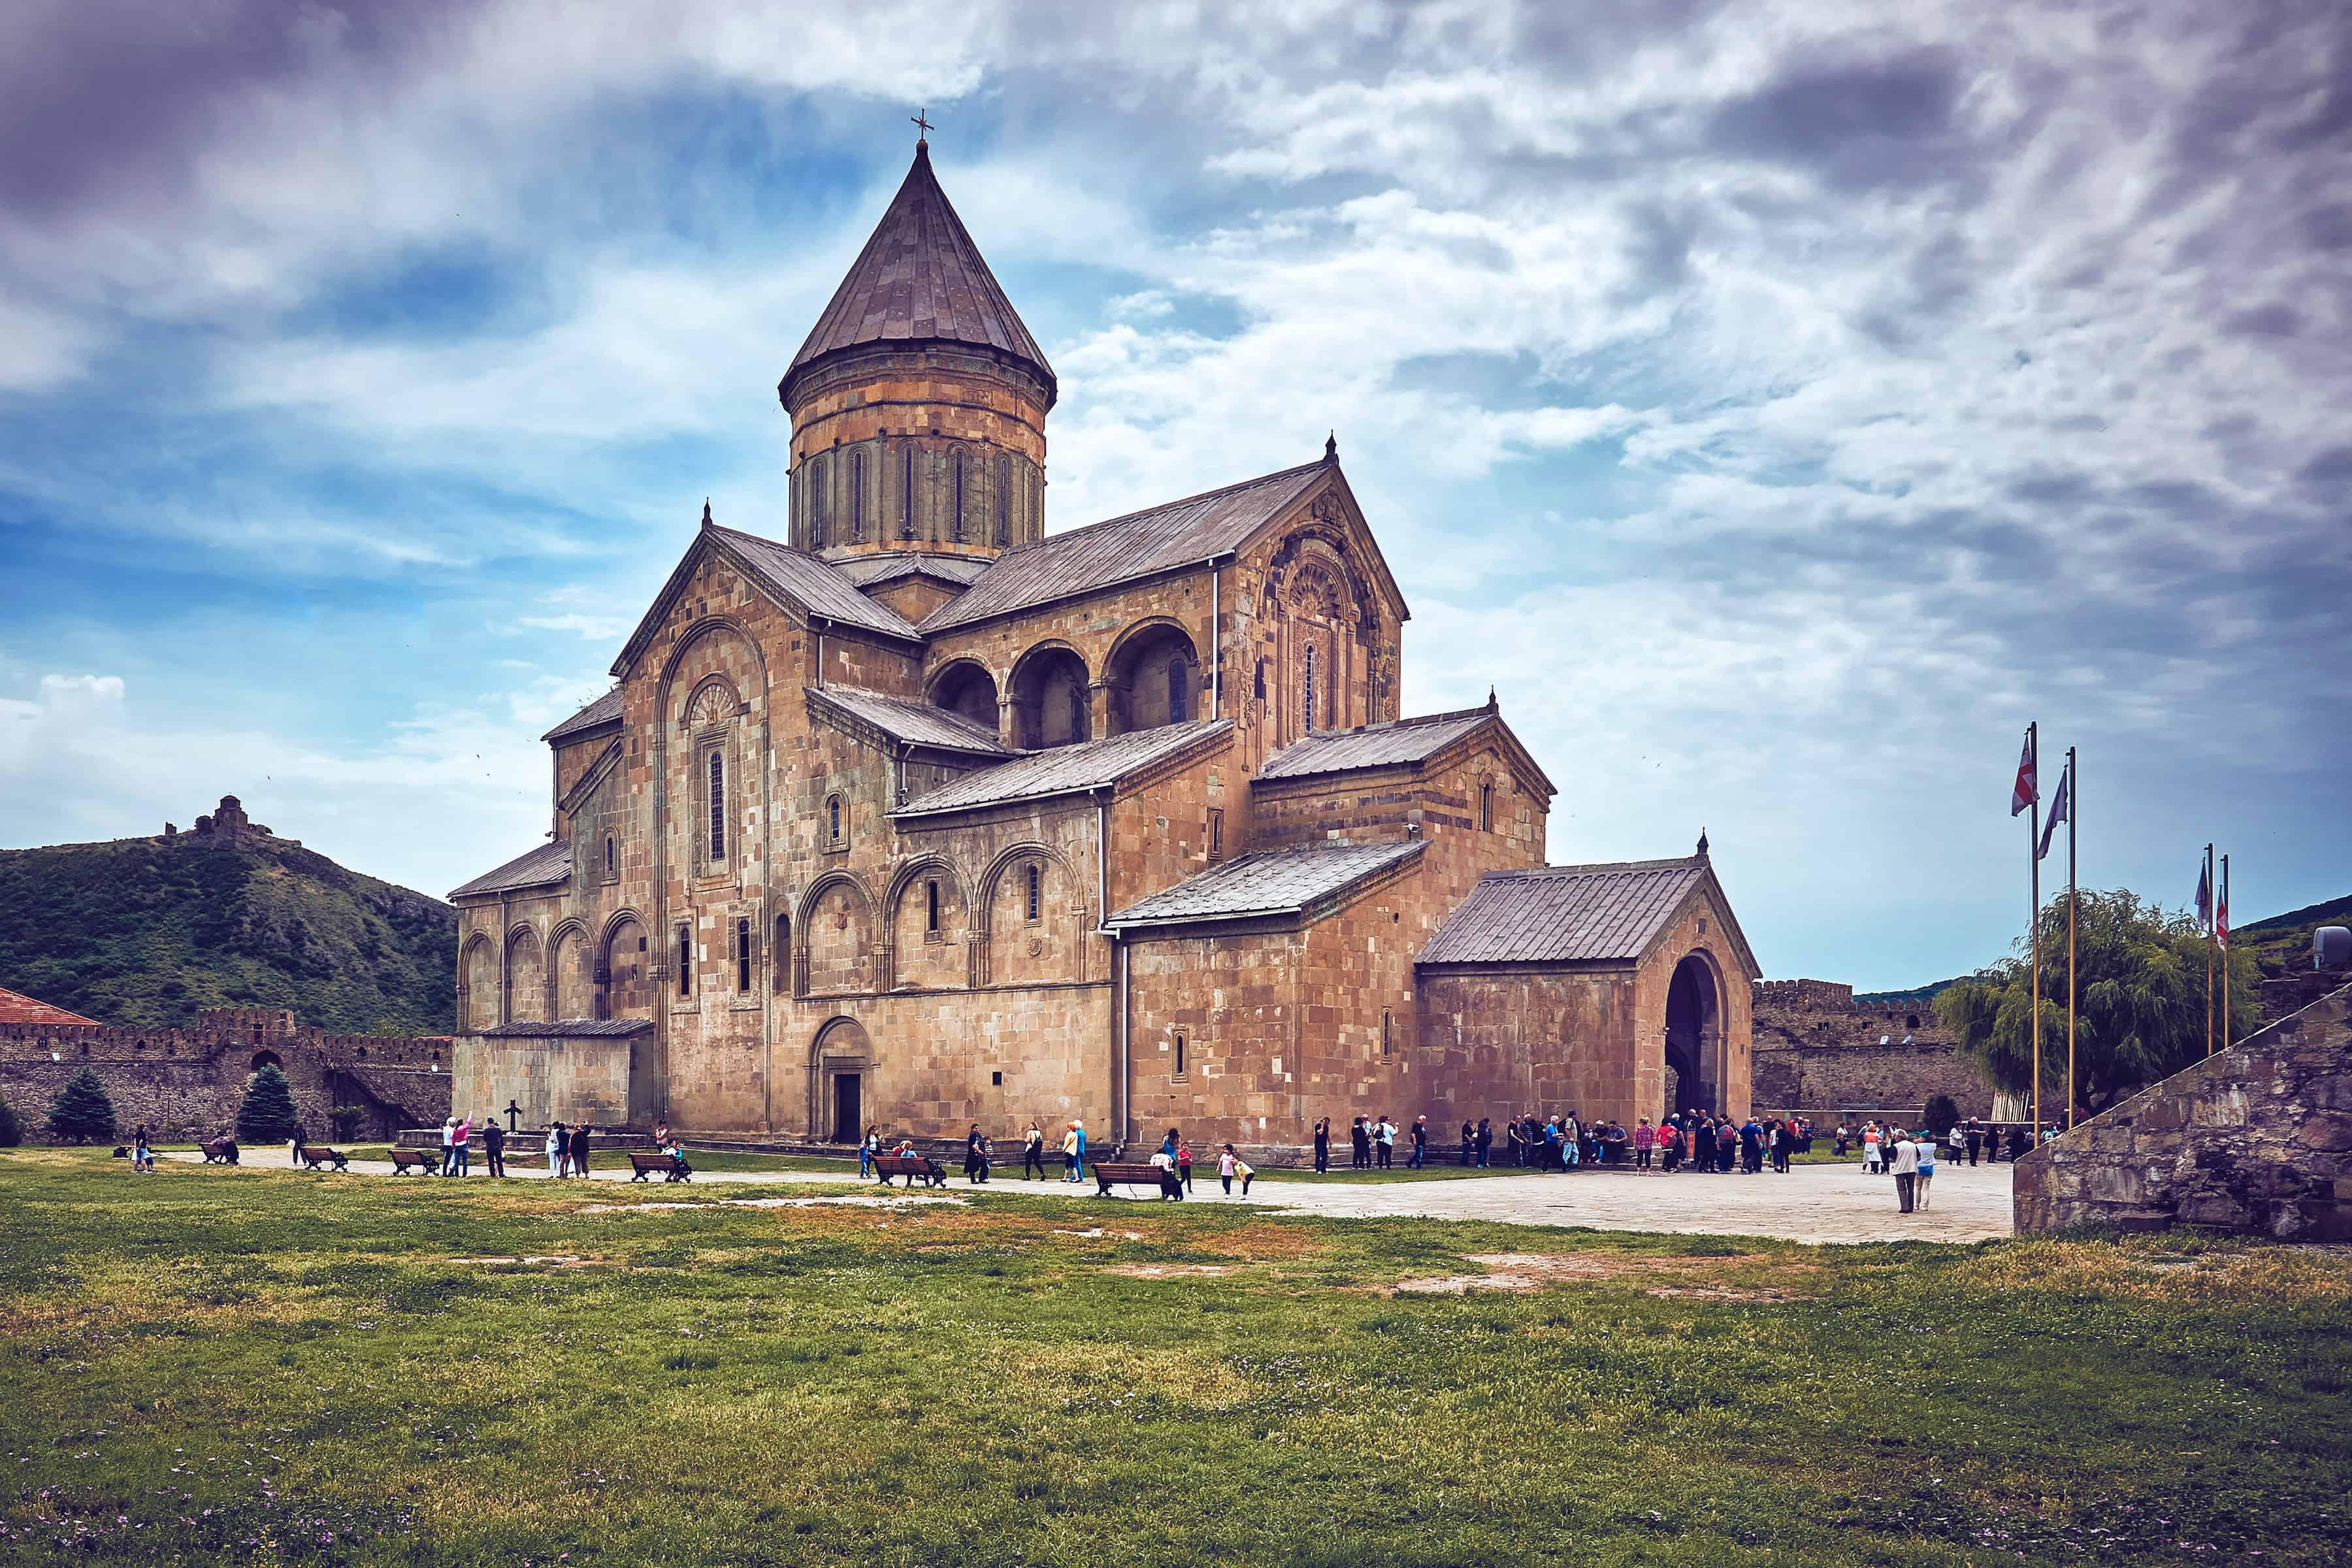 كنيسة كاتدرائية سفيتيتسكوفيلي متسخيتا جورجيا